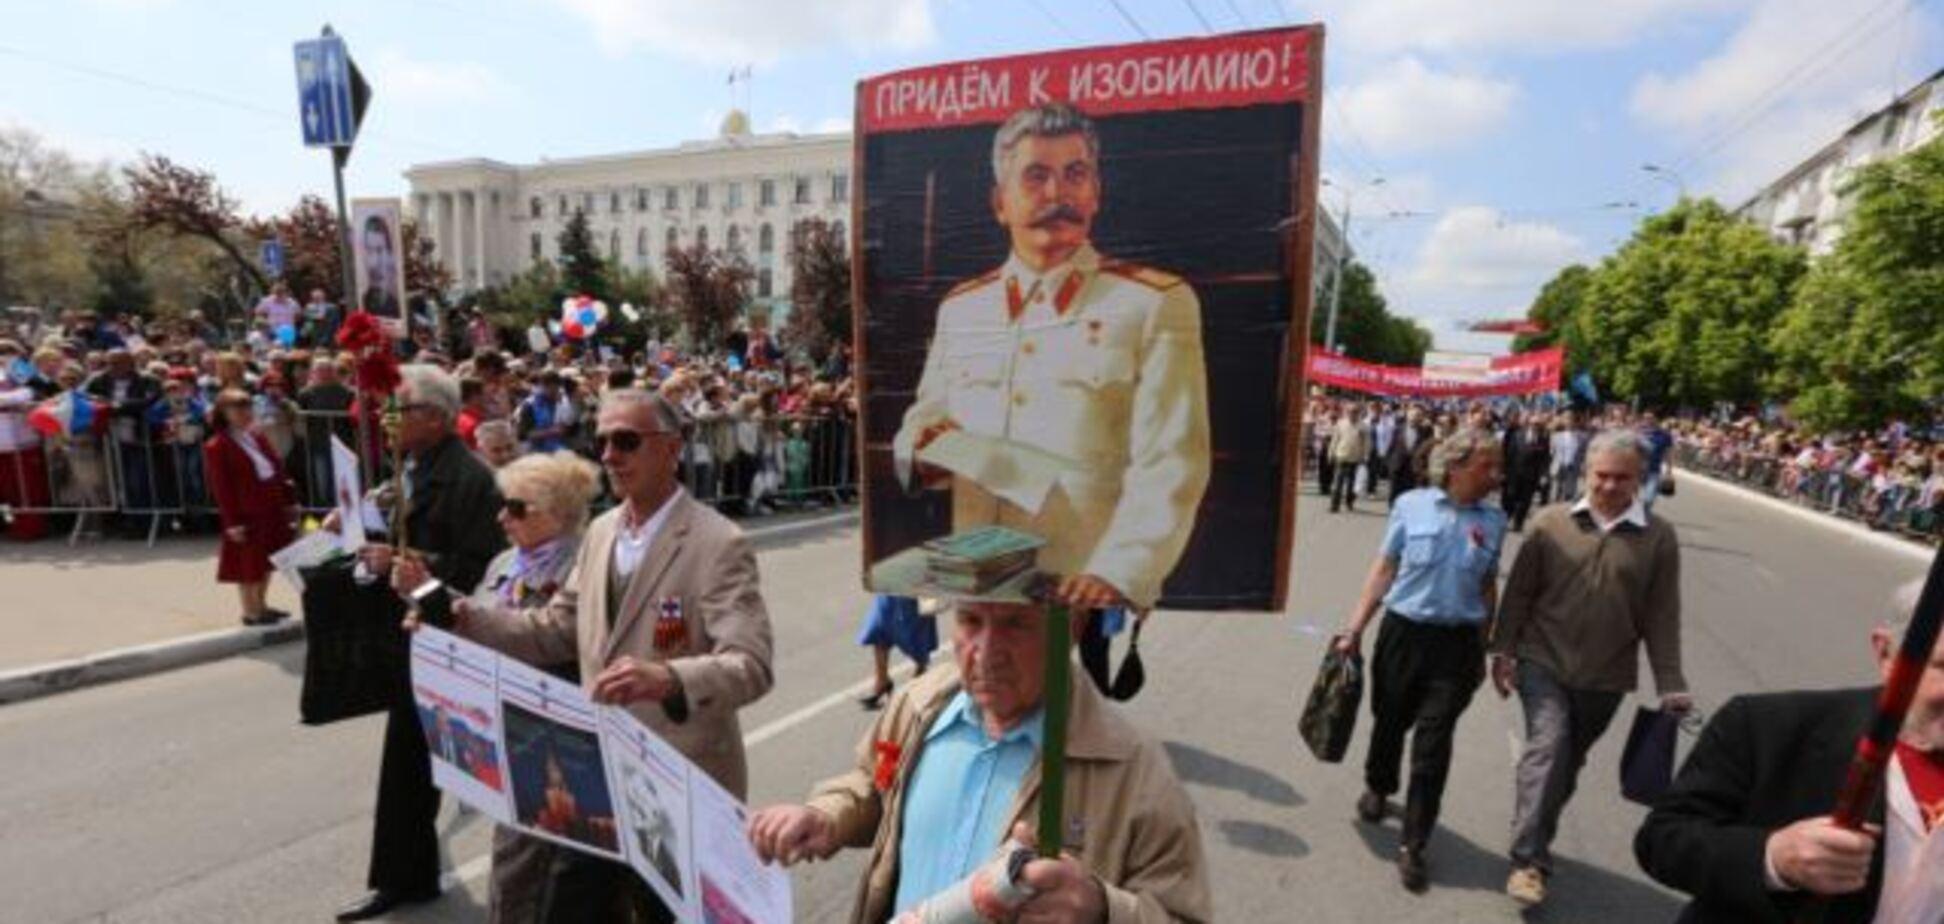 Останутся у корыта: украинцам объяснили важность 'закона о предателях'